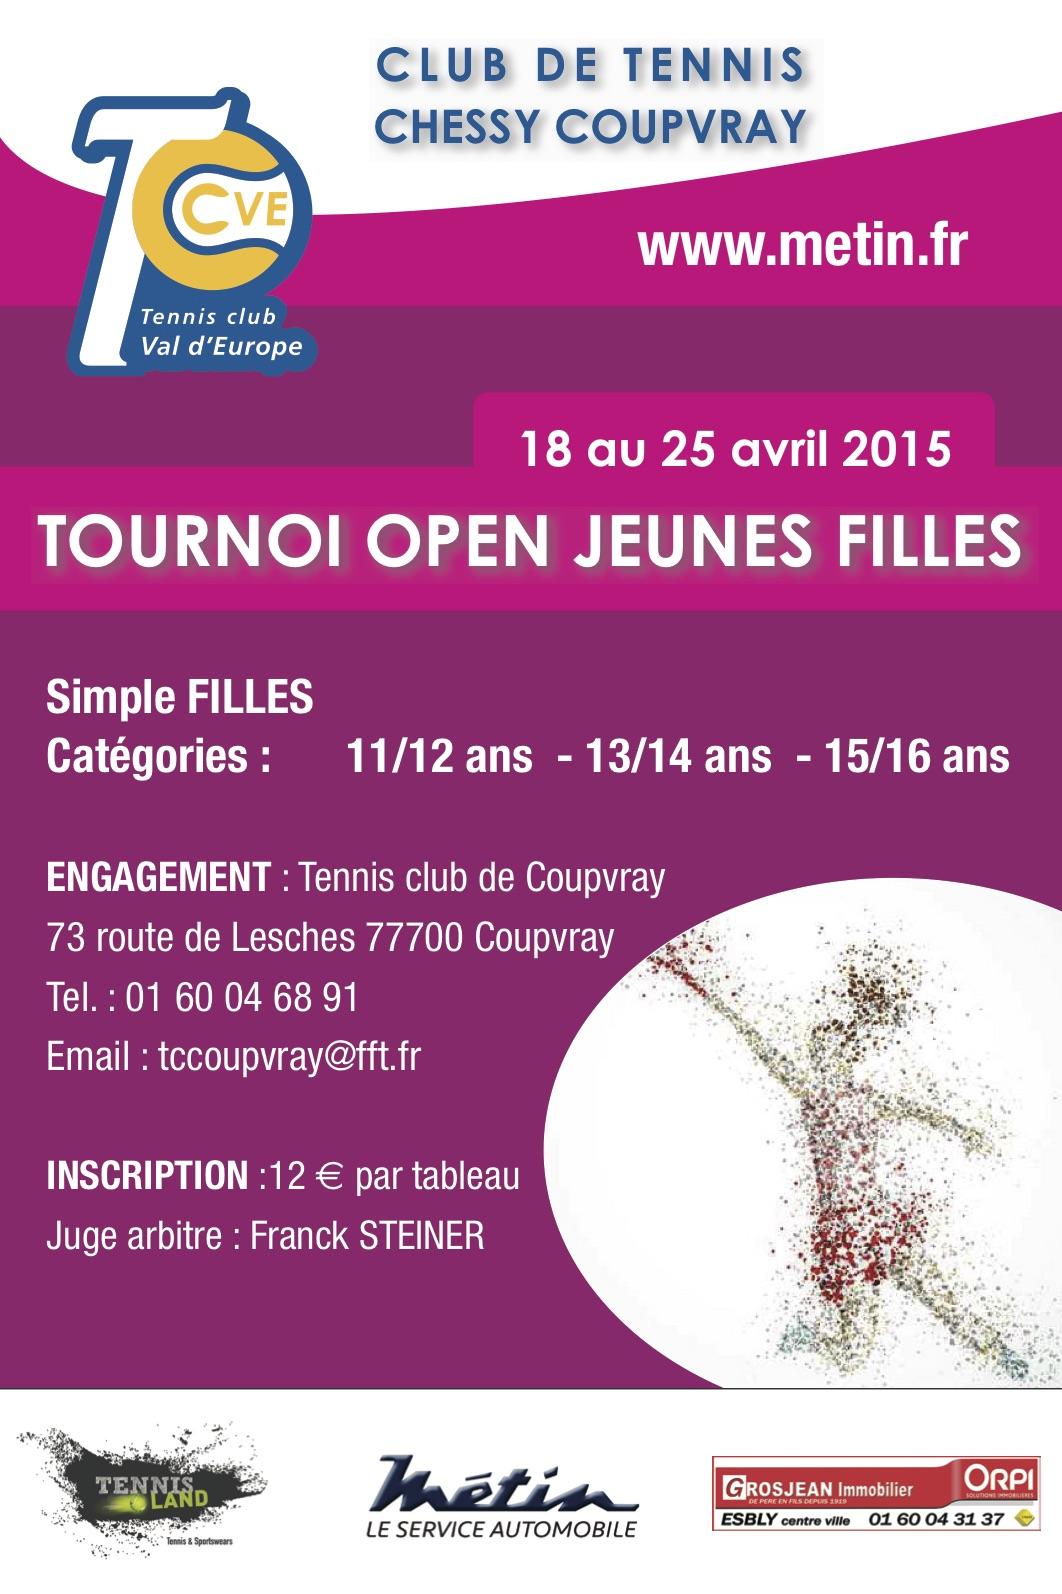 TournoiFilles_Mail